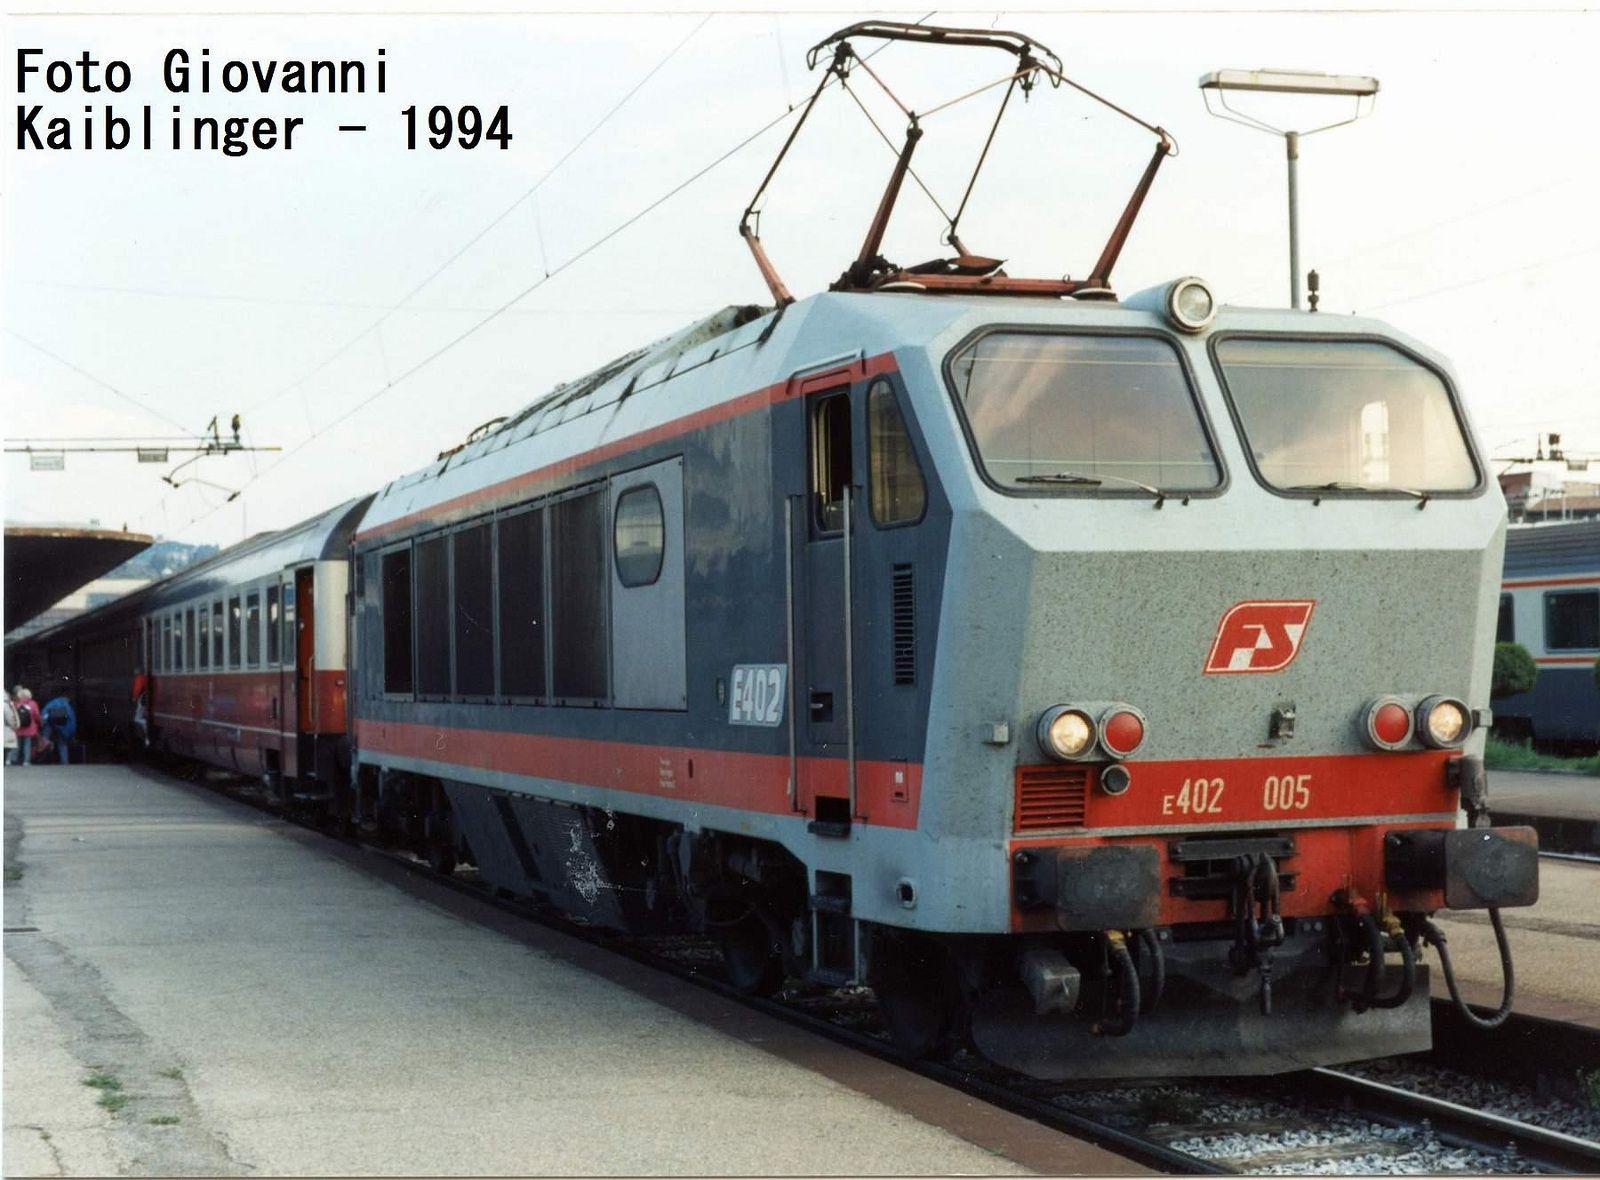 https://flic.kr/p/fMrjiA | 05506-FS-Locomotore E402 005